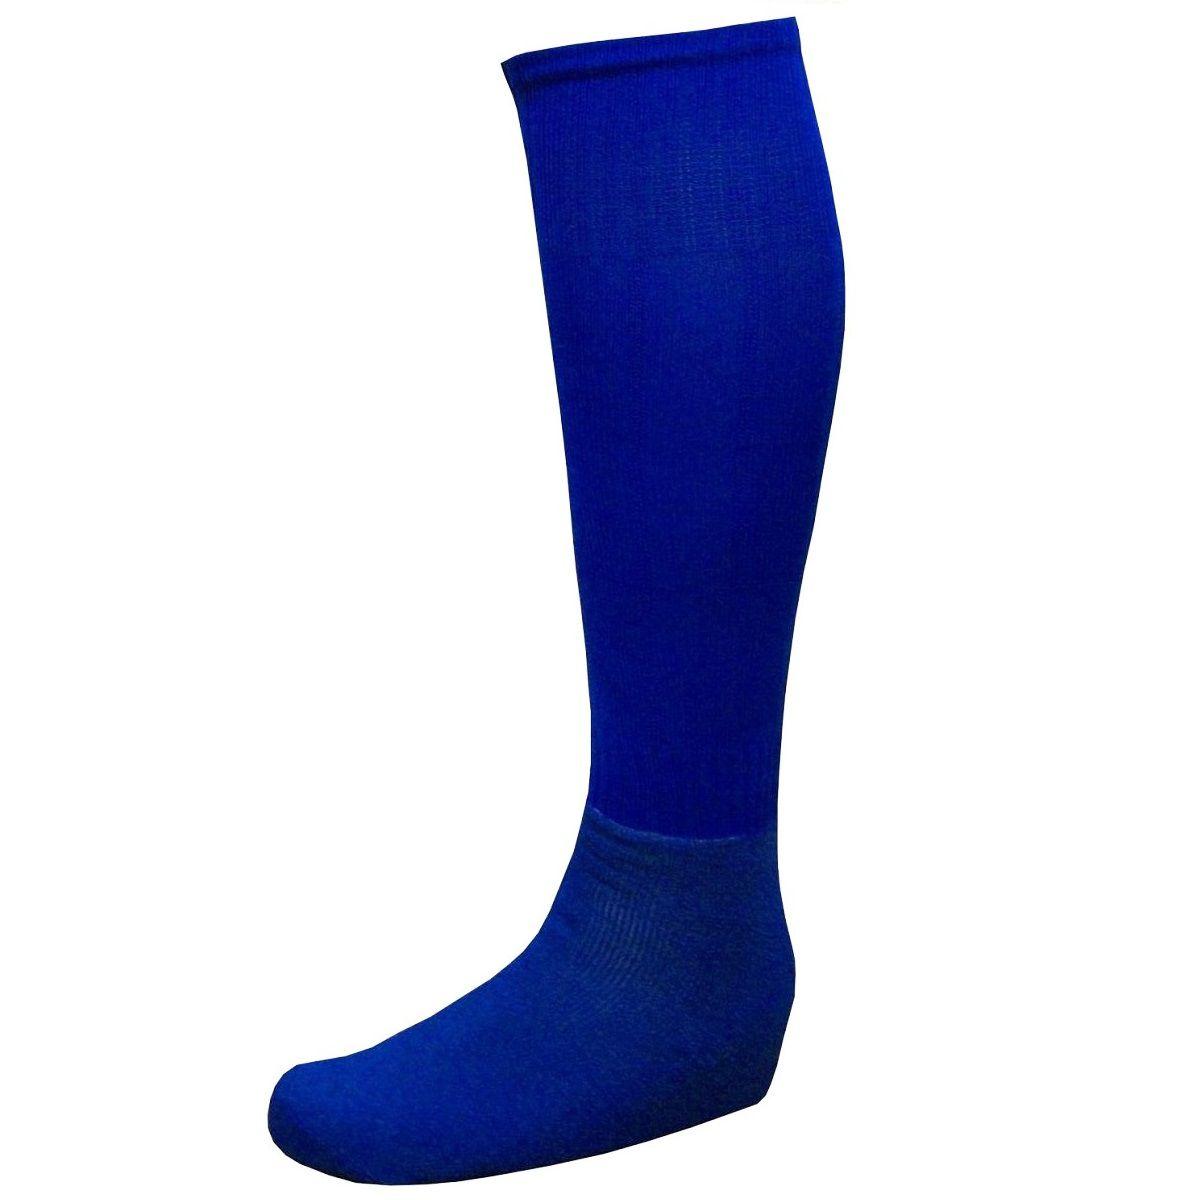 Meião Infantil Tradicional Reforçado Azul Royal - Delfia